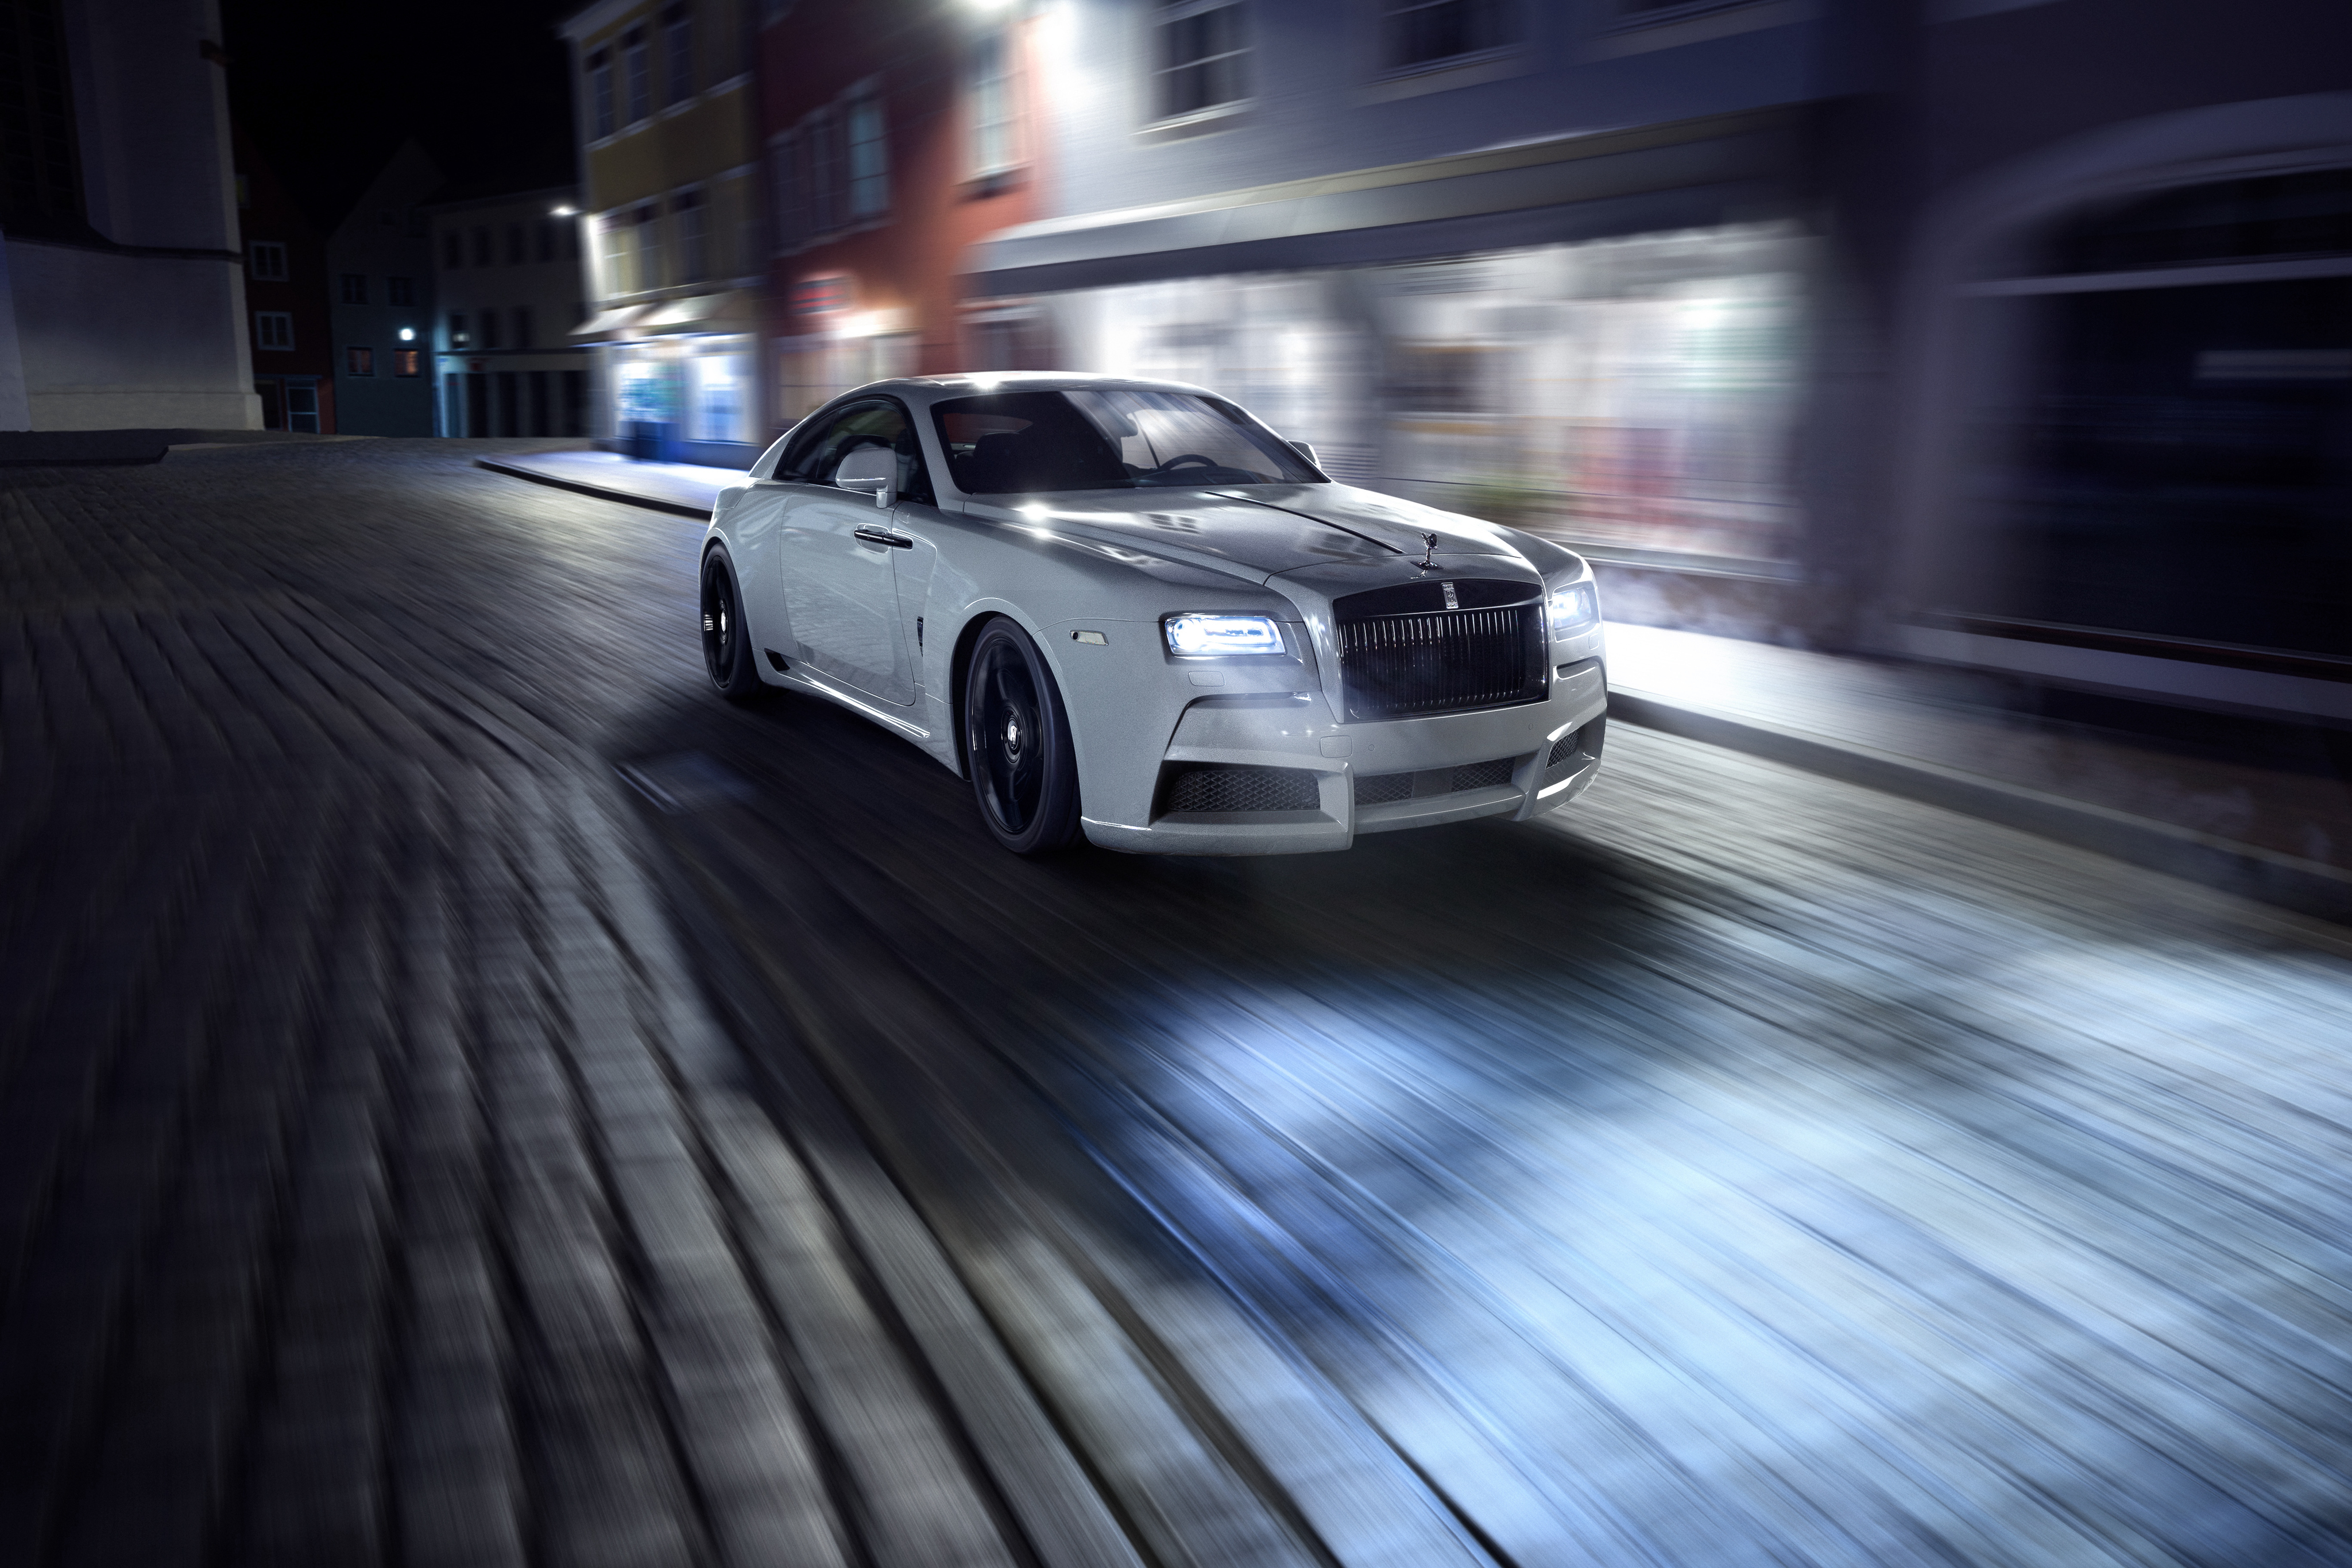 83837 papel de parede 2160x3840 em seu telefone gratuitamente, baixe imagens Rolls-Royce, Carros, Tráfego, Movimento, Vista Lateral, Rolls Royce, Spofec 2160x3840 em seu celular